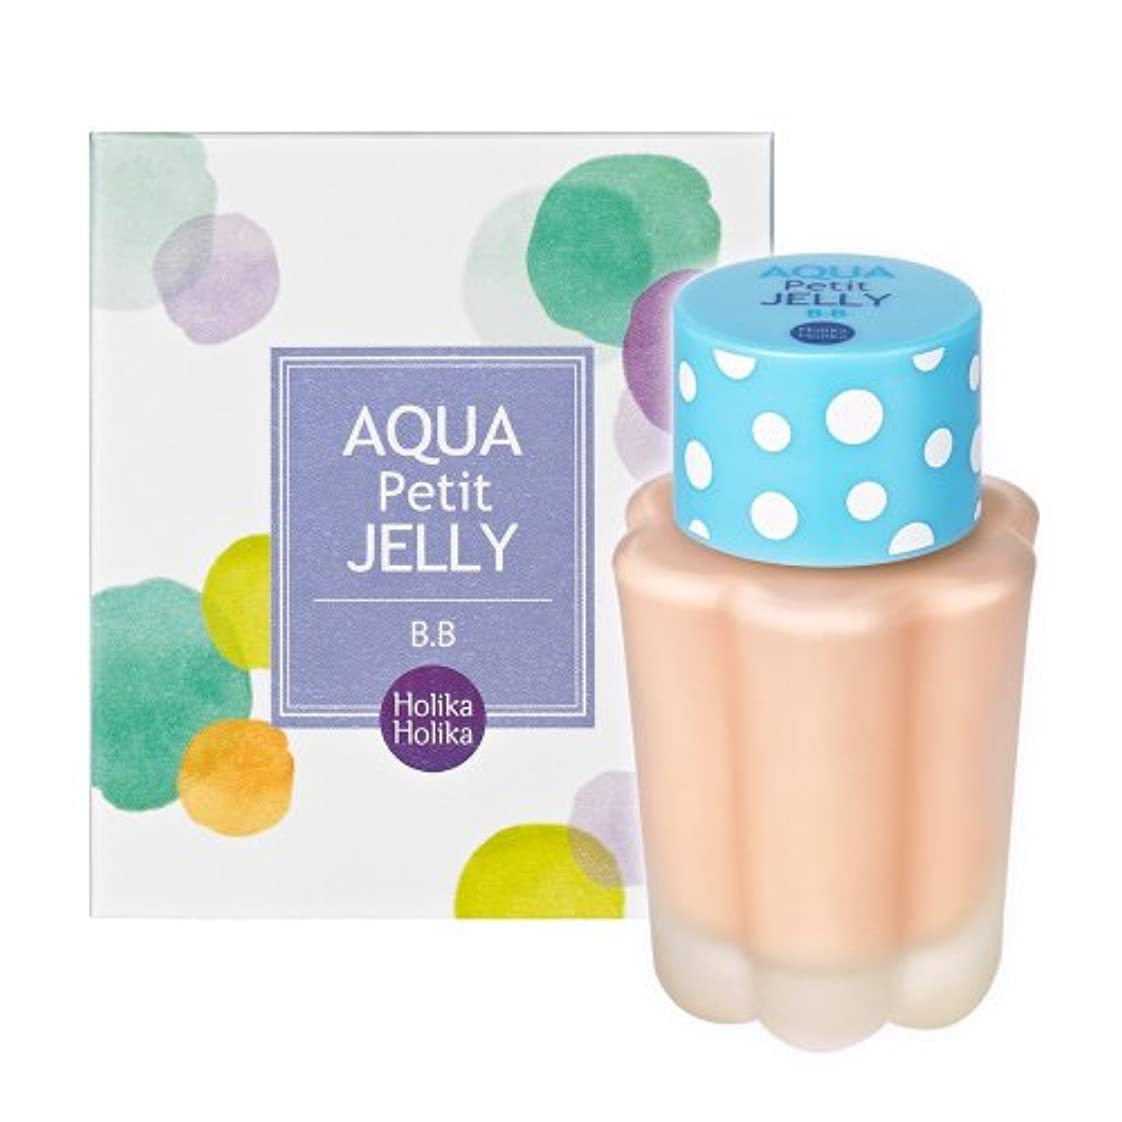 着替える刃メディアHolika Holika ホリカホリカ アクア?プチ?ゼリー?ビービー?クリーム 40ml #2 (Aqua Petit jelly BB Cream) 海外直送品